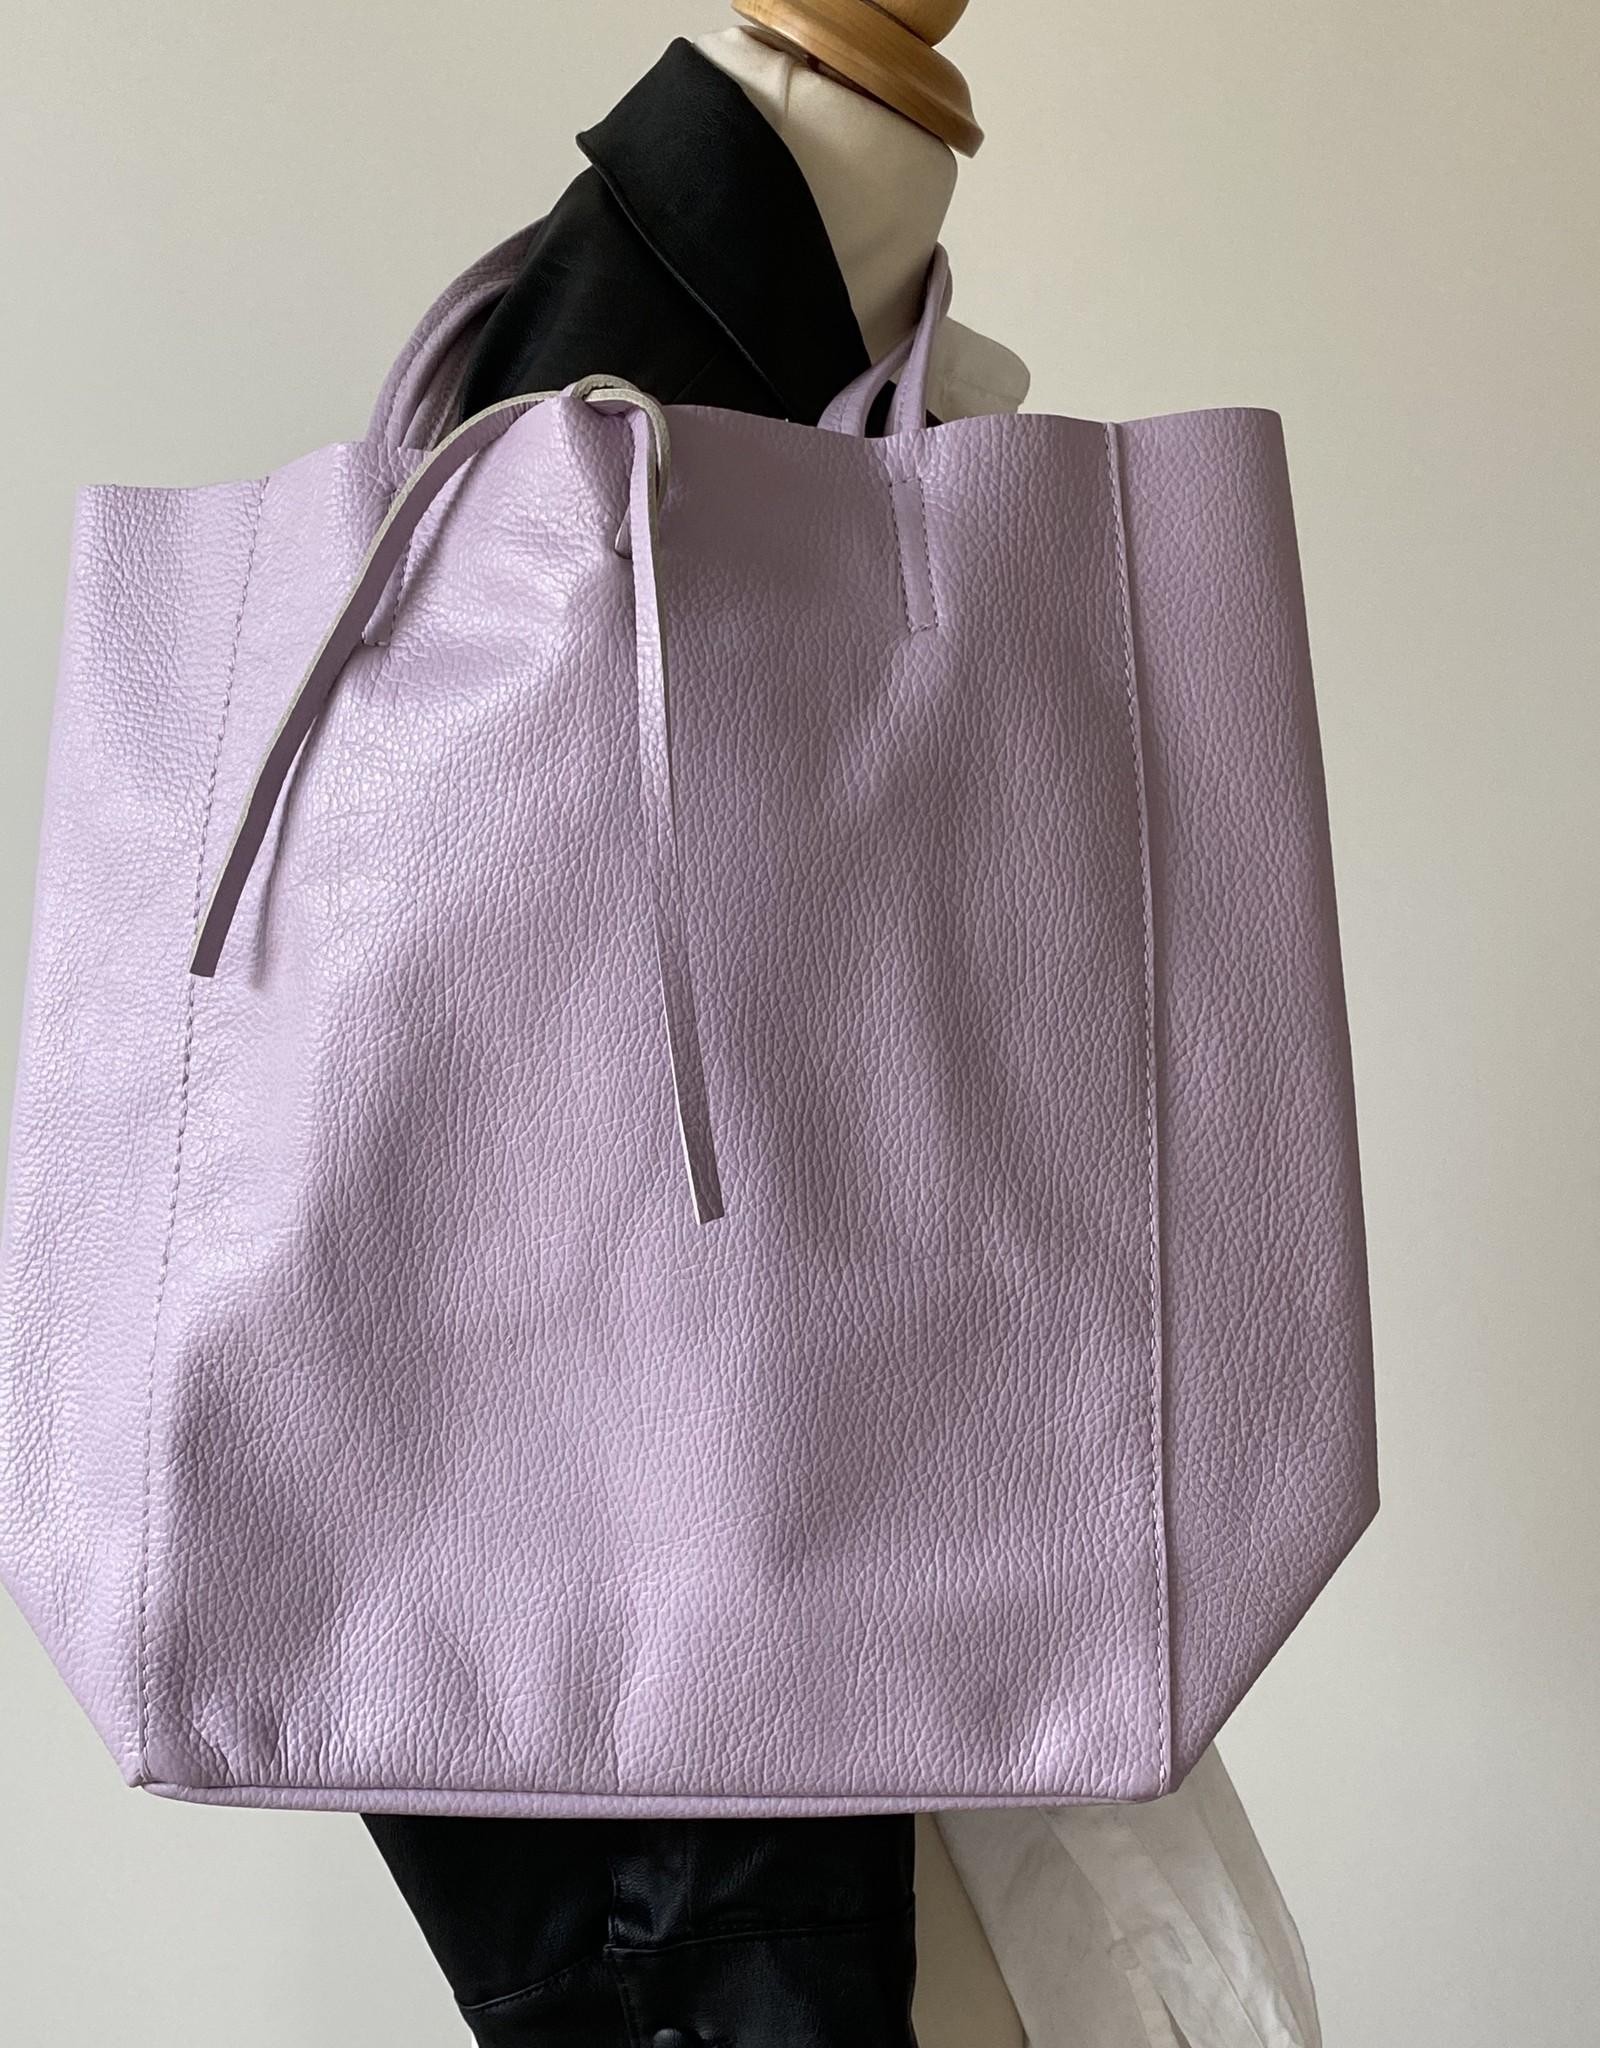 Giuliano Leather shopper in purple